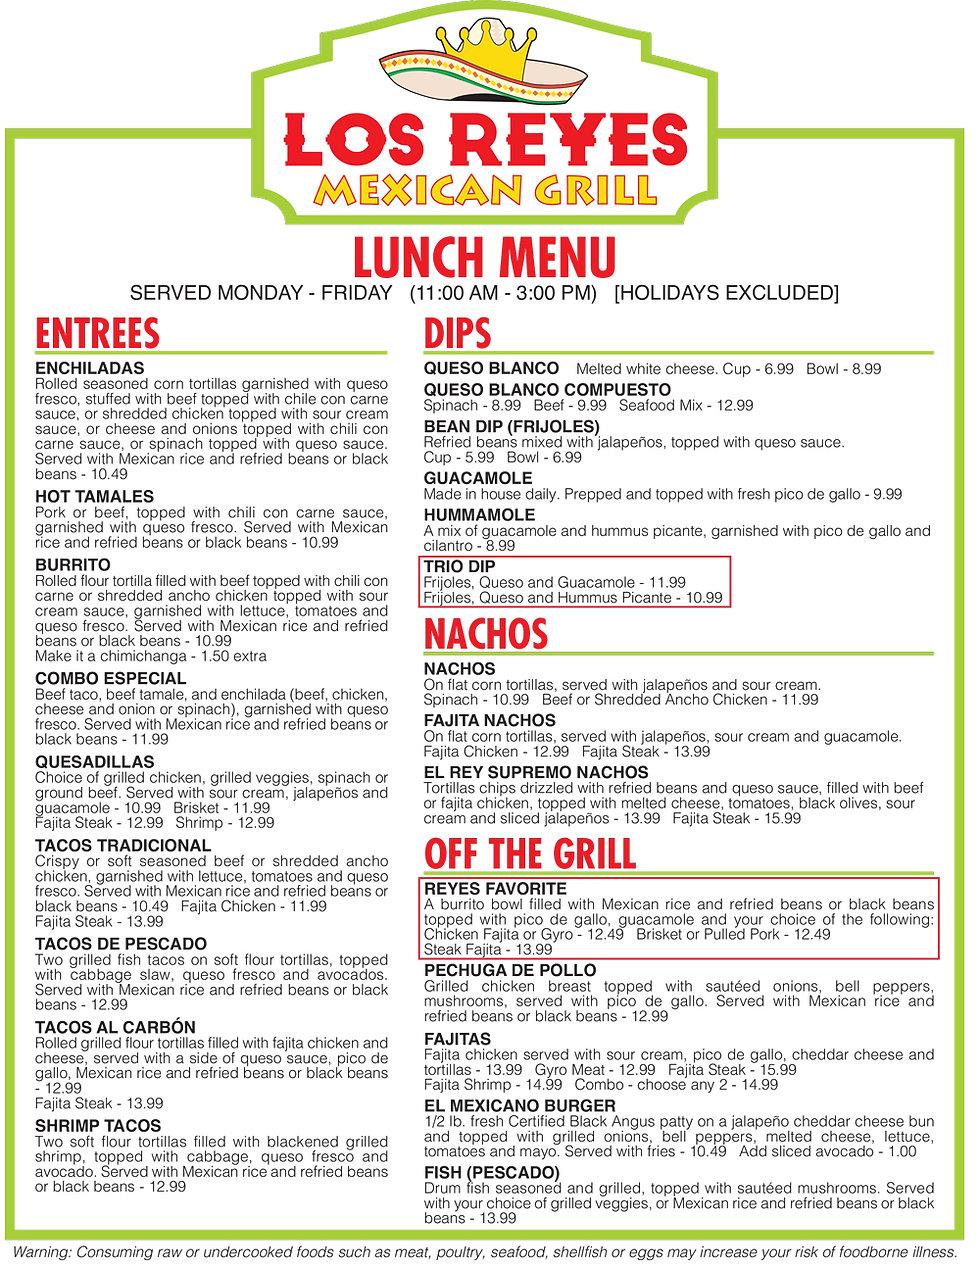 Los-Reyes-Covid-Lunch-Menu-with-Nachos-1.jpg